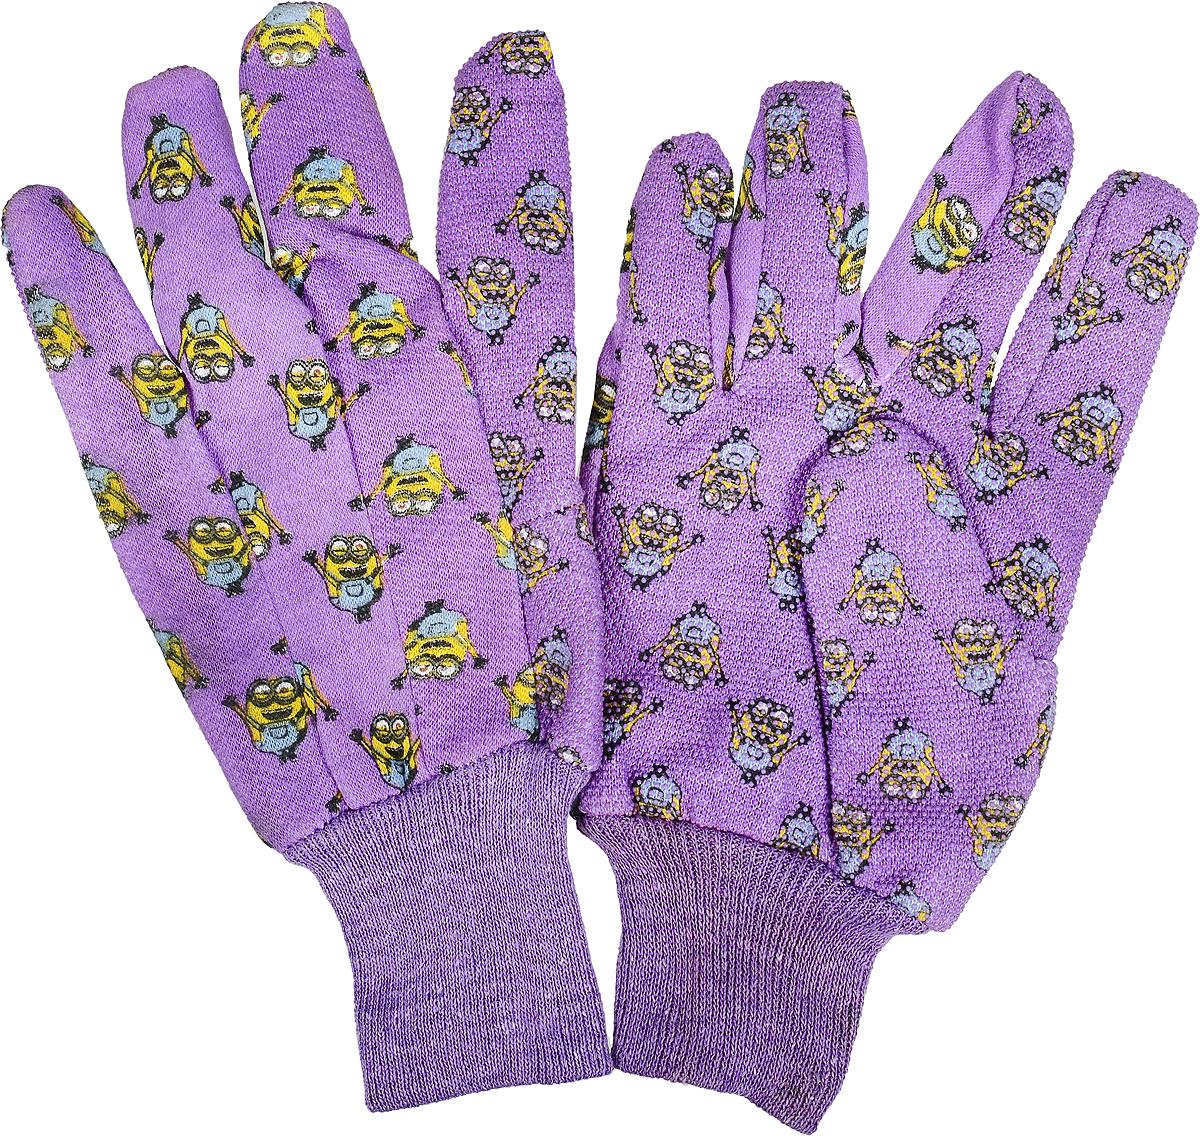 Перчатки садовые Garden Show Миньоны, трикотажные, цвет: сиреневый. Размер M (9)466325_сиреневыйПерчатки садовые Garden Show Миньоны выполнены изхлопка и полиэстера. Рабочая поверхность перчаток отделанаполивинилхлоридом для надежного хвата. Эластичныеманжеты надежно фиксируют перчатки на руке. Такие перчаткизащитят руки от влаги, грязи и царапин при выполненииразличных работ. Изделия дополнены красочнымизображением миньонов.